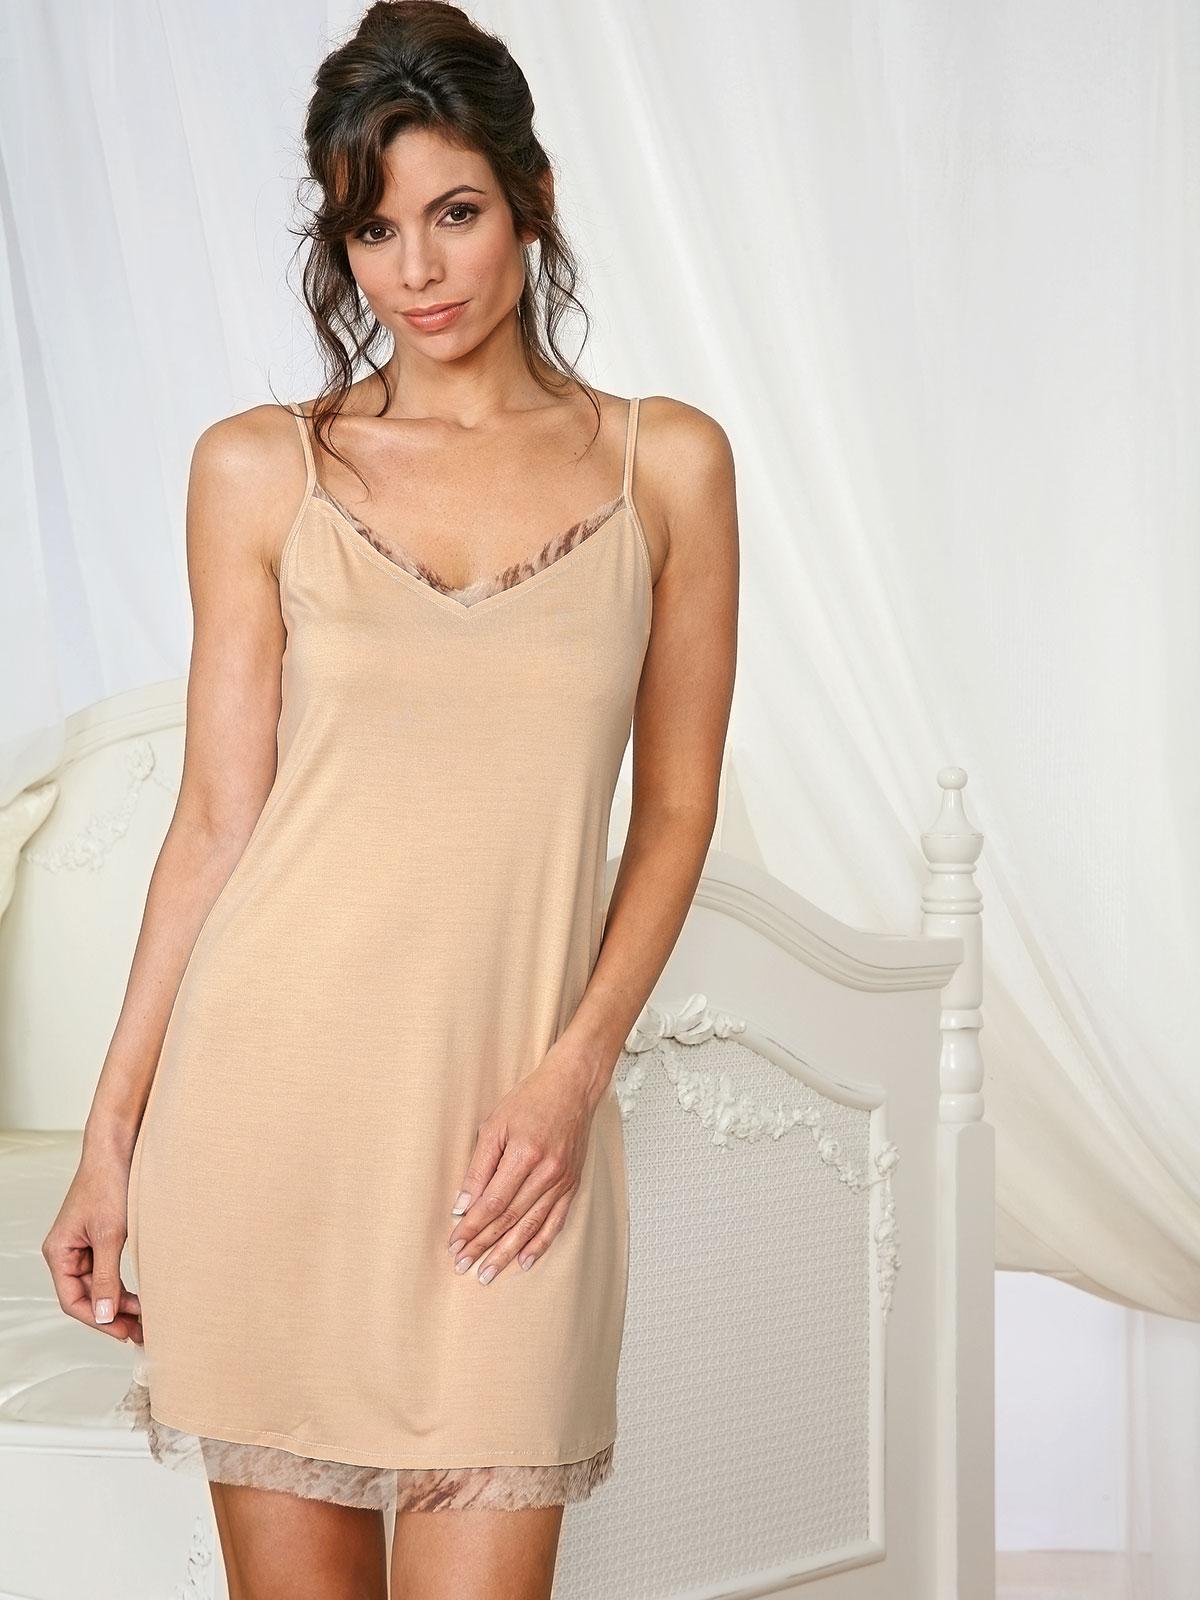 Exotica - Luxury Nightwear - Schweitzer Linen